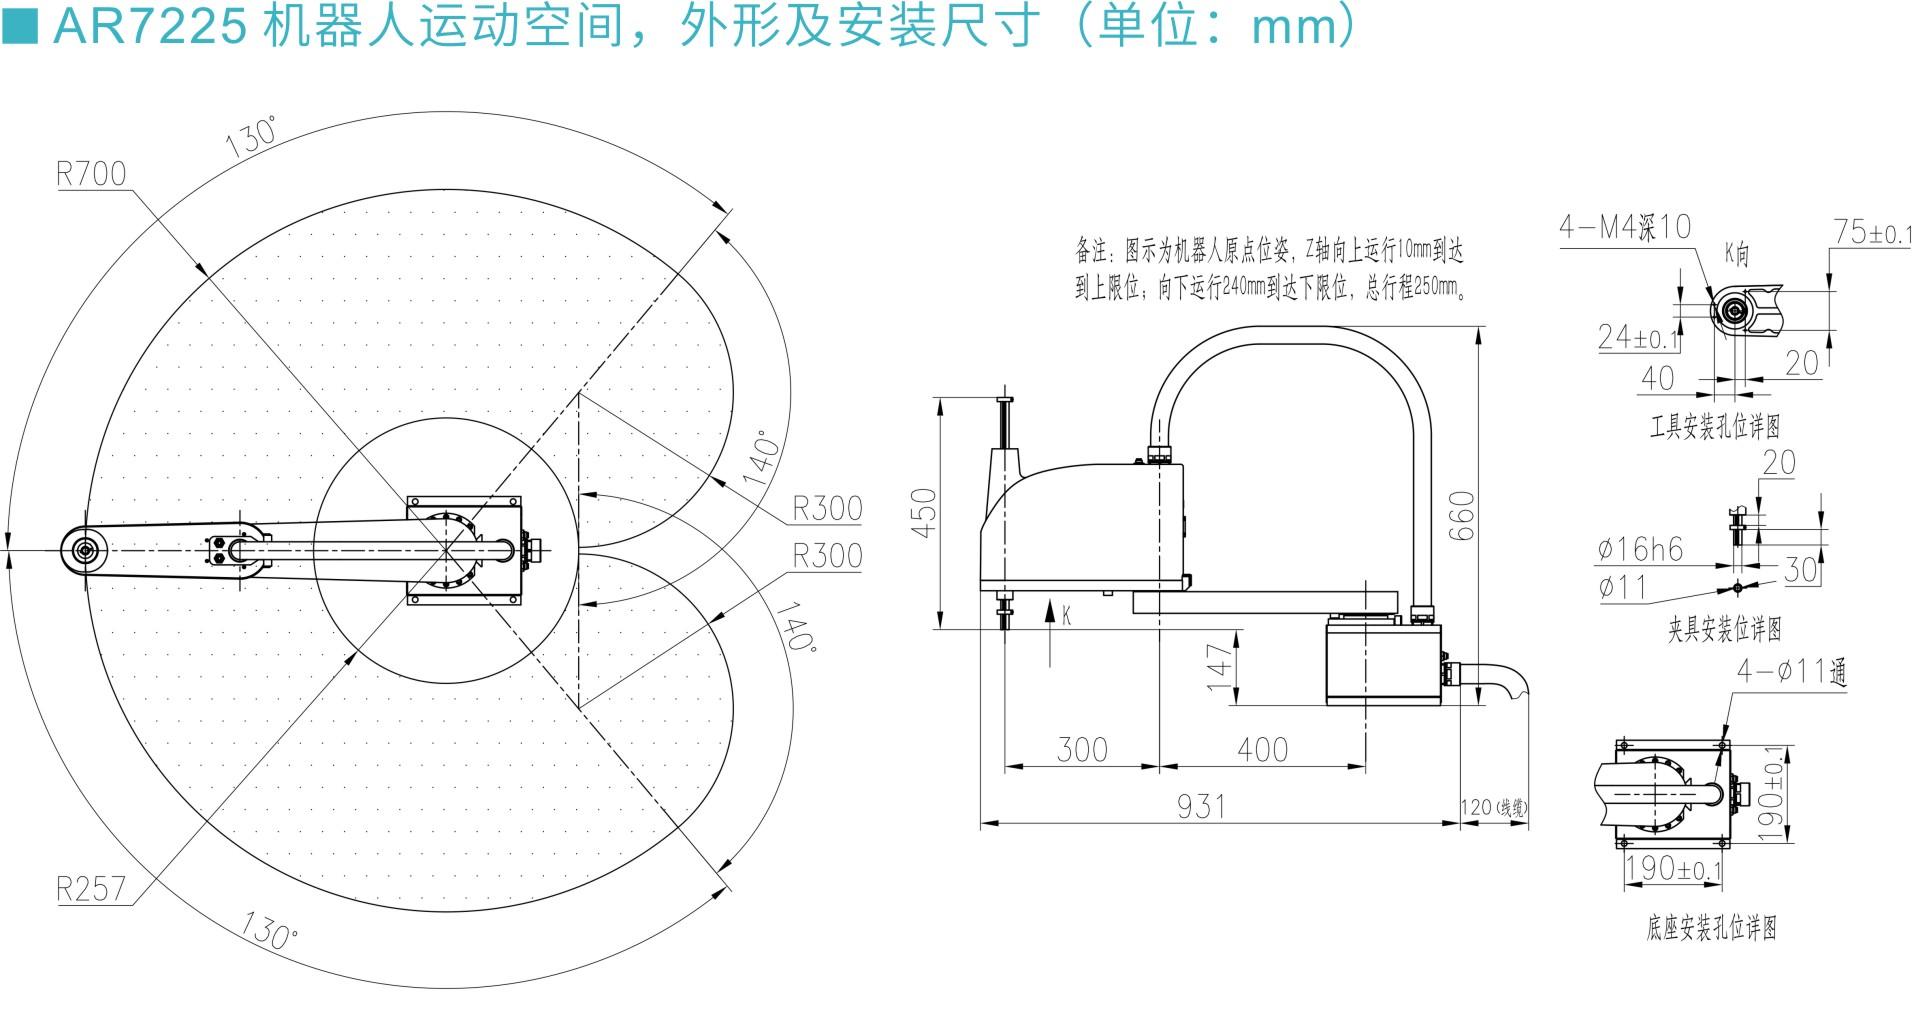 众为兴SCARA四轴工业机械手AR7225 (700臂长)